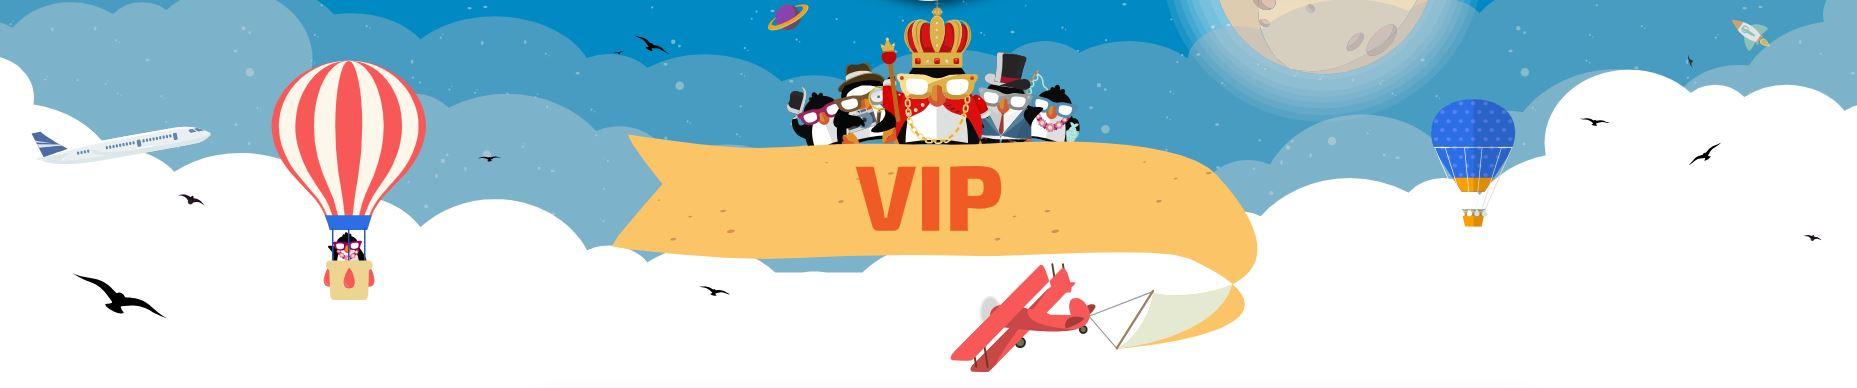 VIP boa boa casino